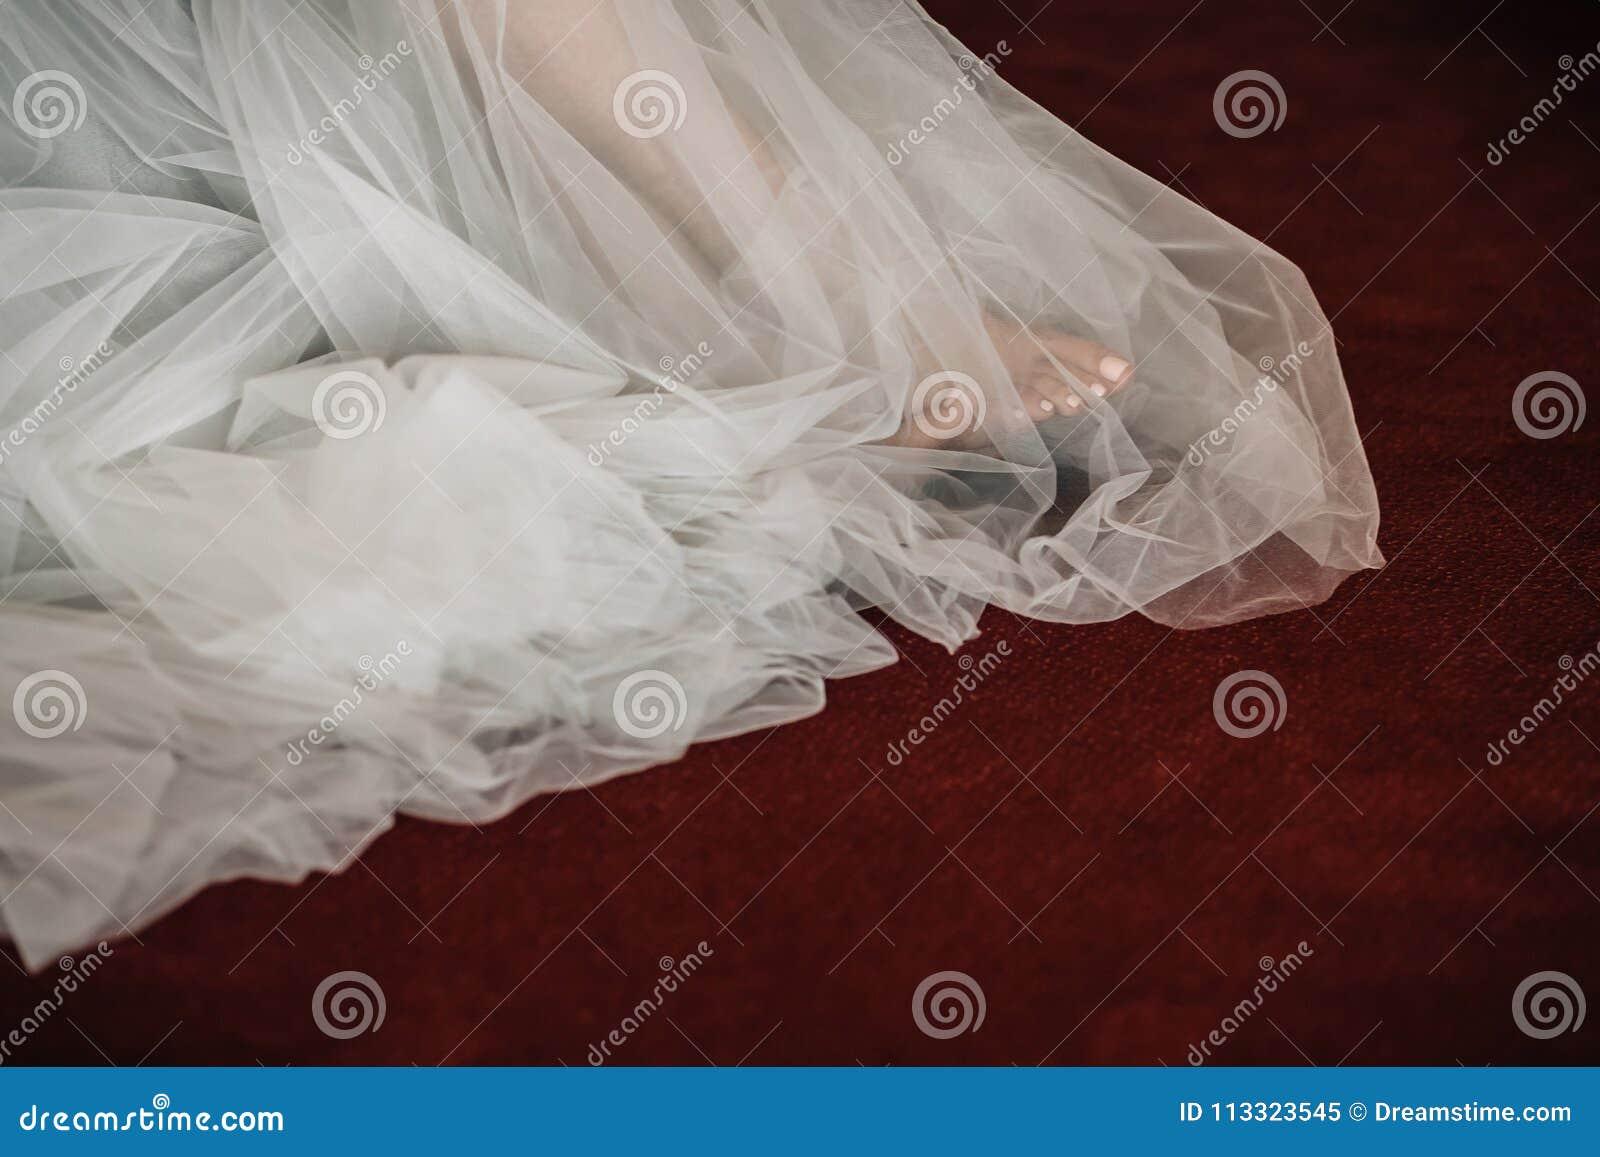 Fot under klänningen